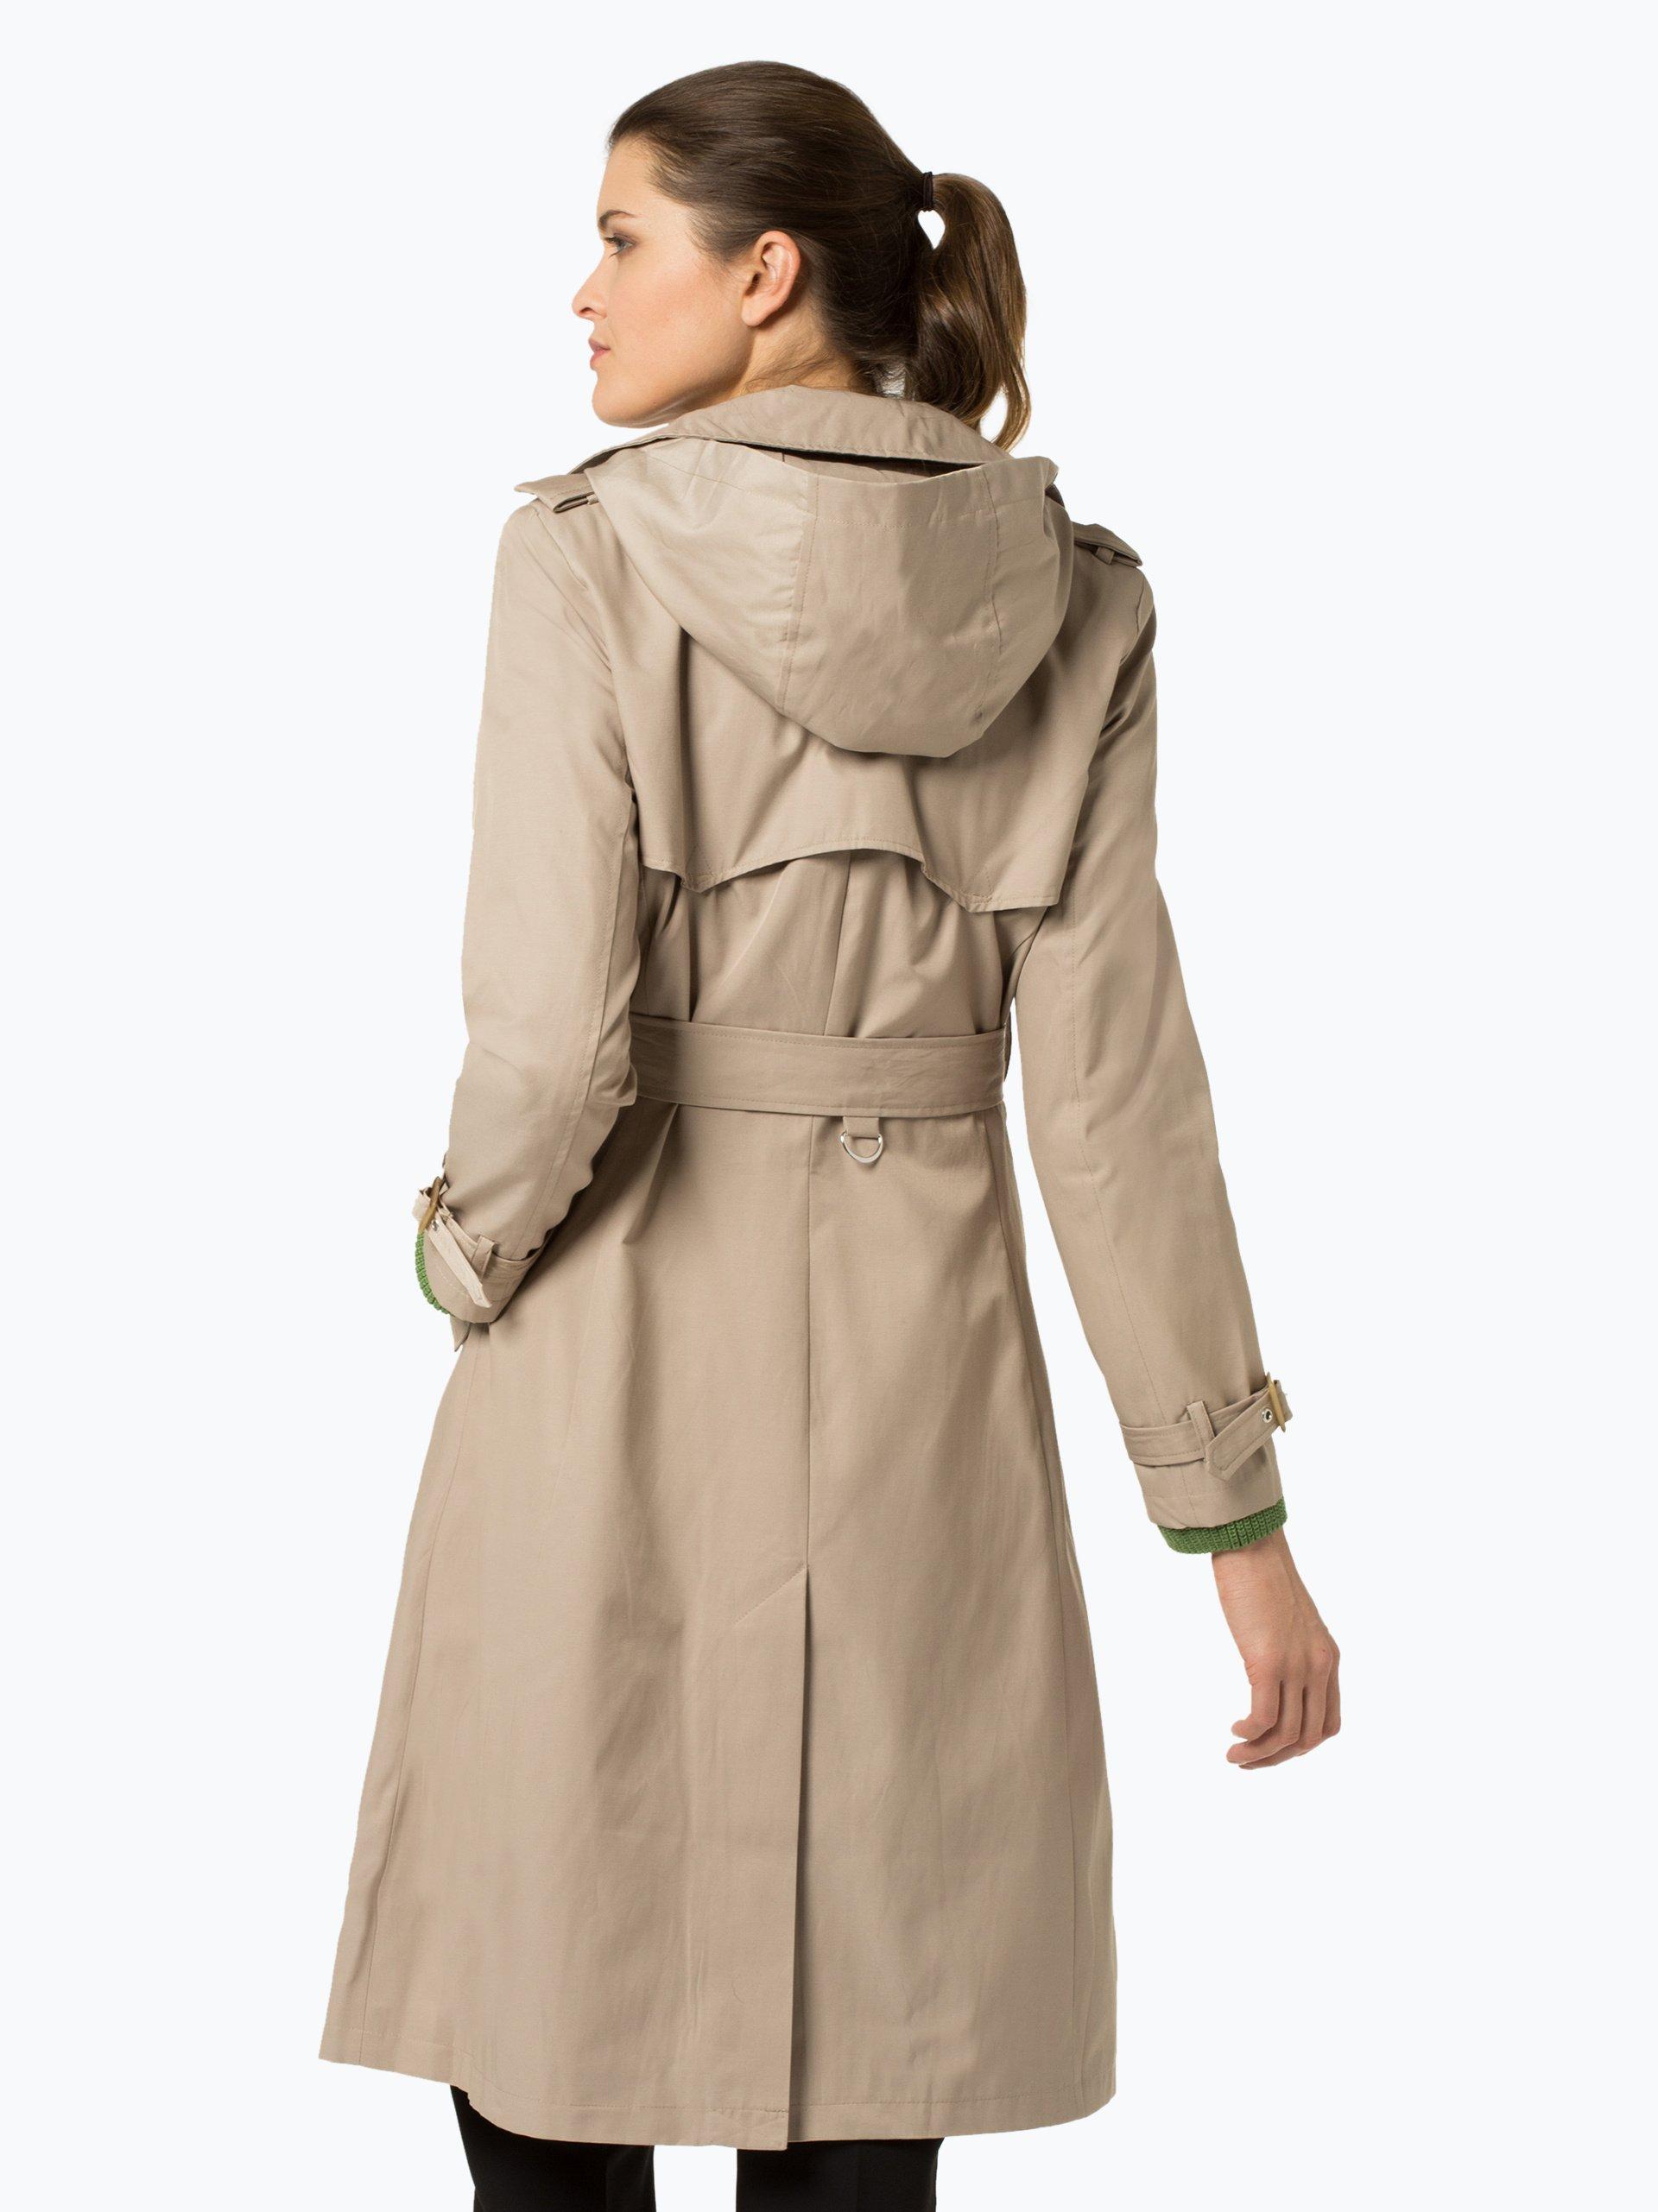 LAUREN RALPH LAUREN Damen Mantel